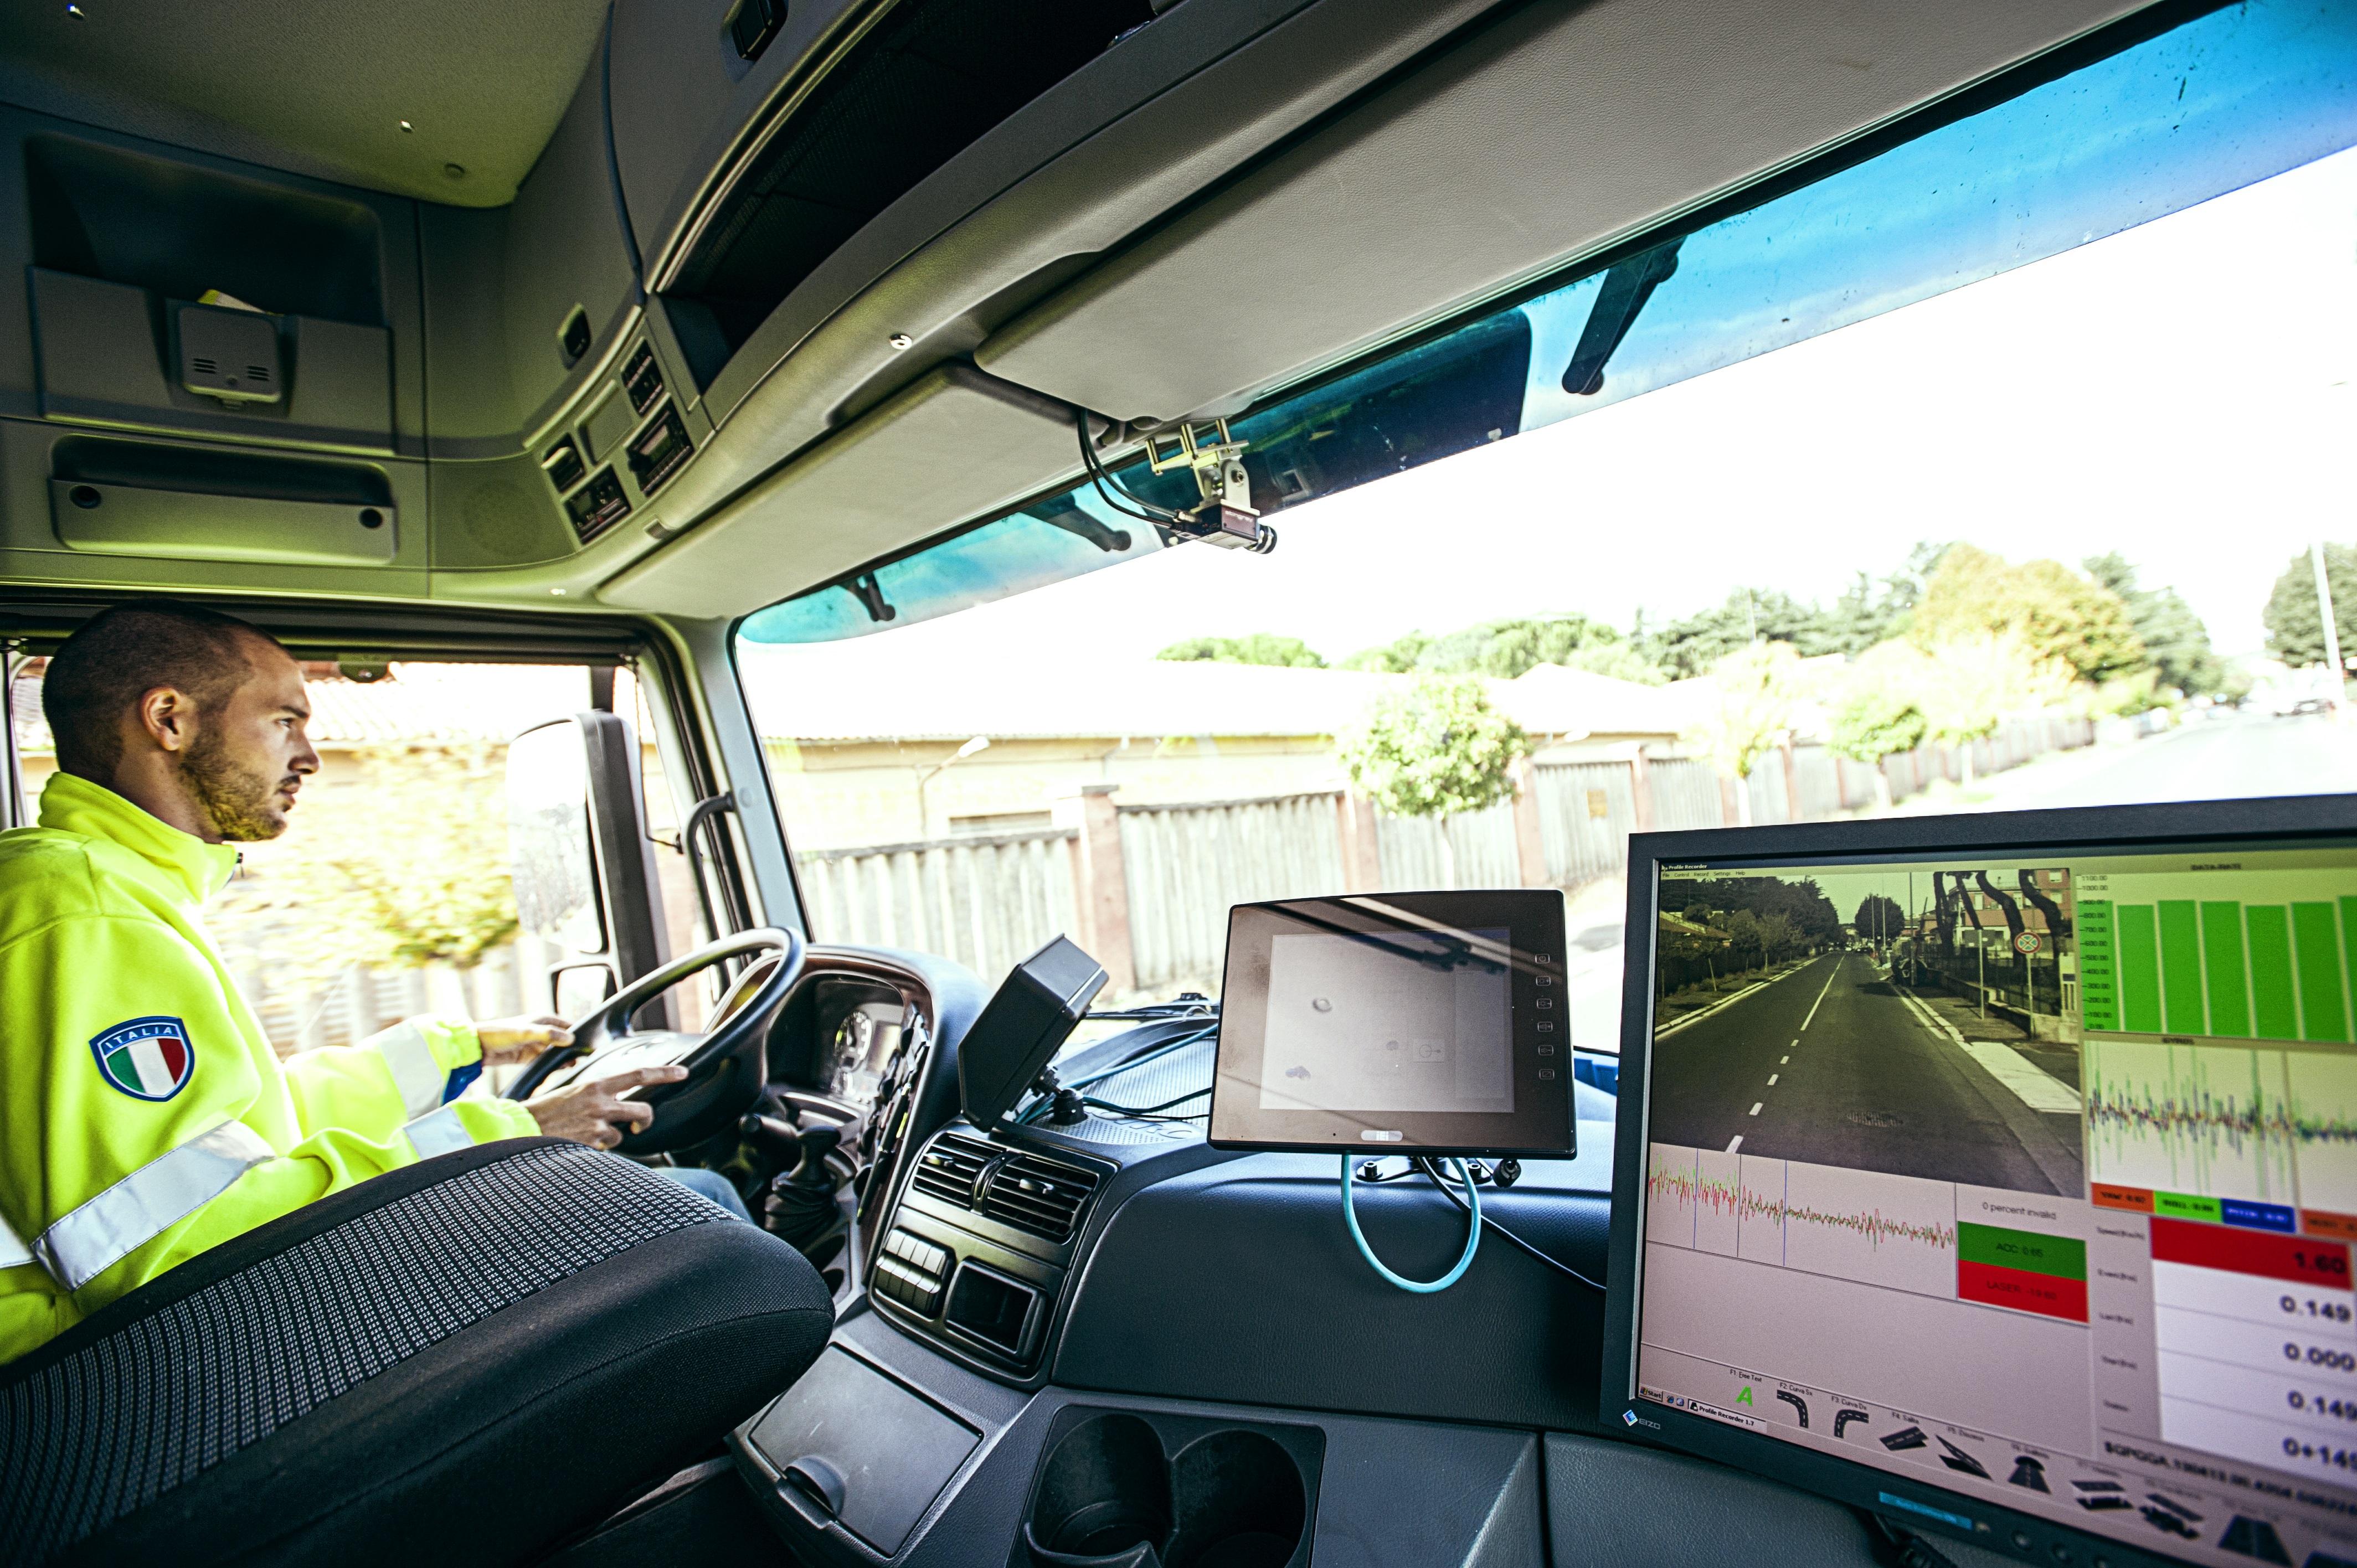 Immagine dell'interno di un mezzo per il controllo della pavimentazione stradale